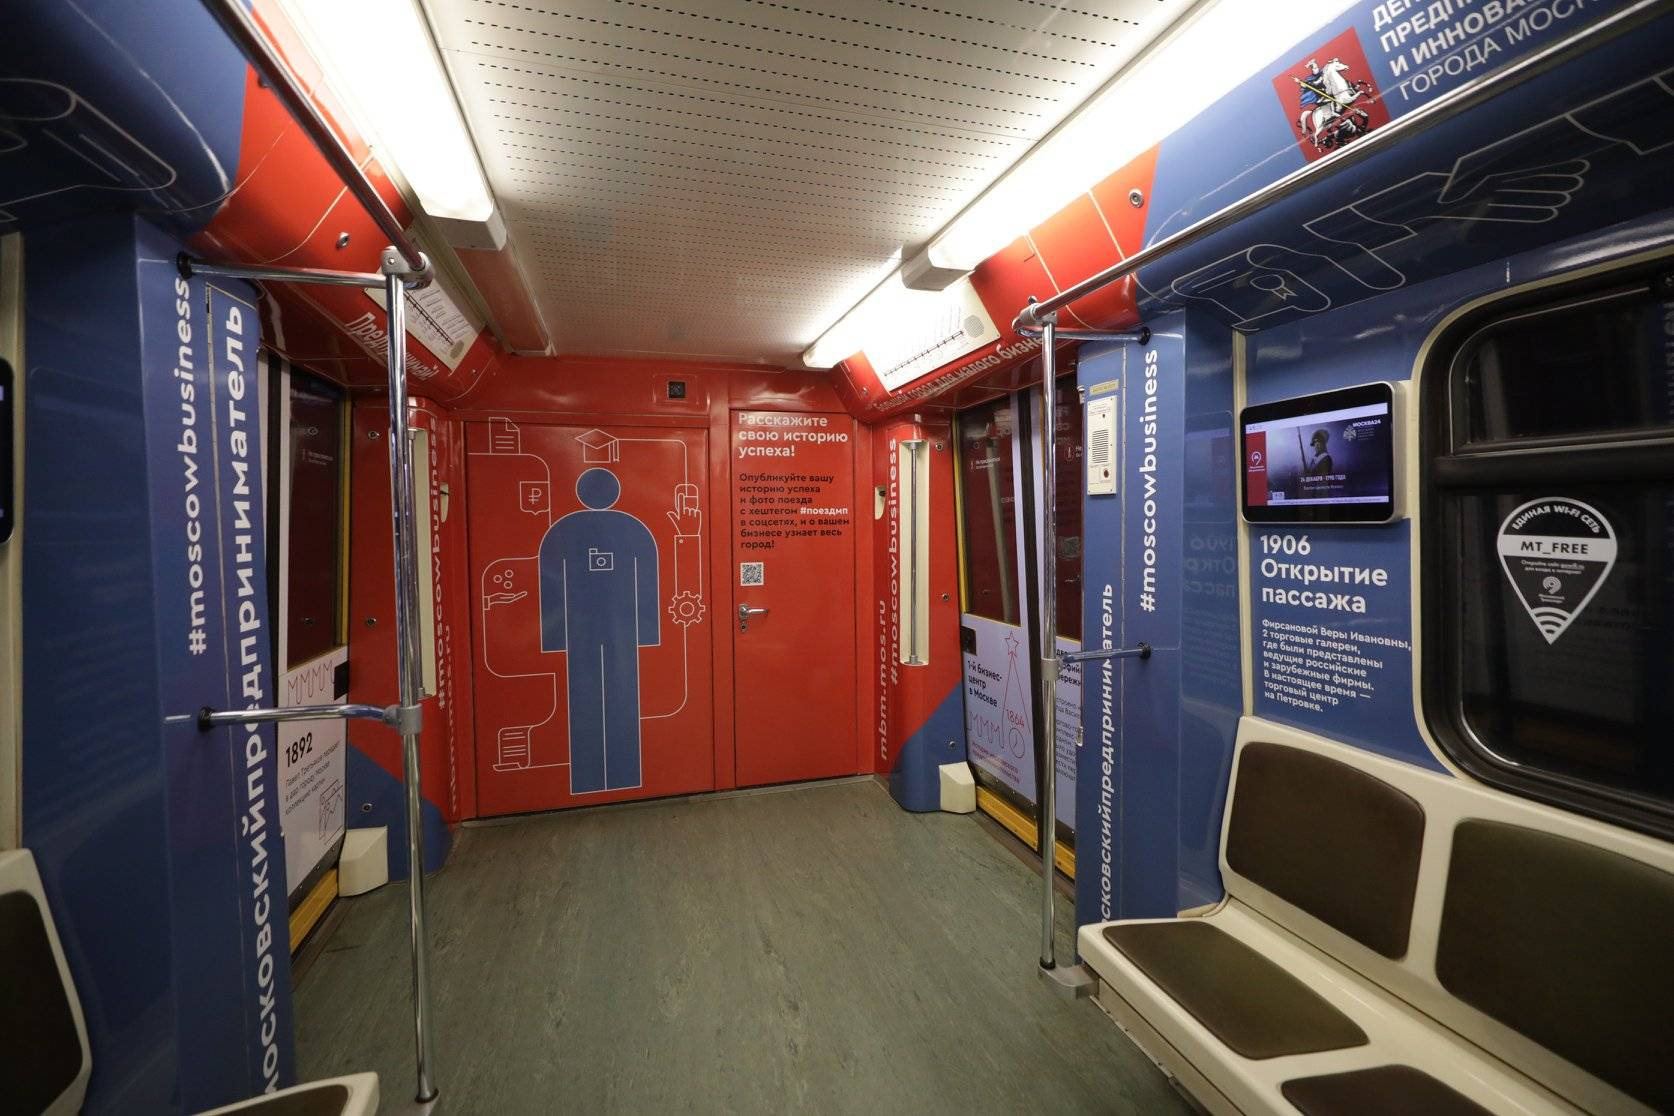 Поезд «Московский предприниматель» курсирует в московском метро